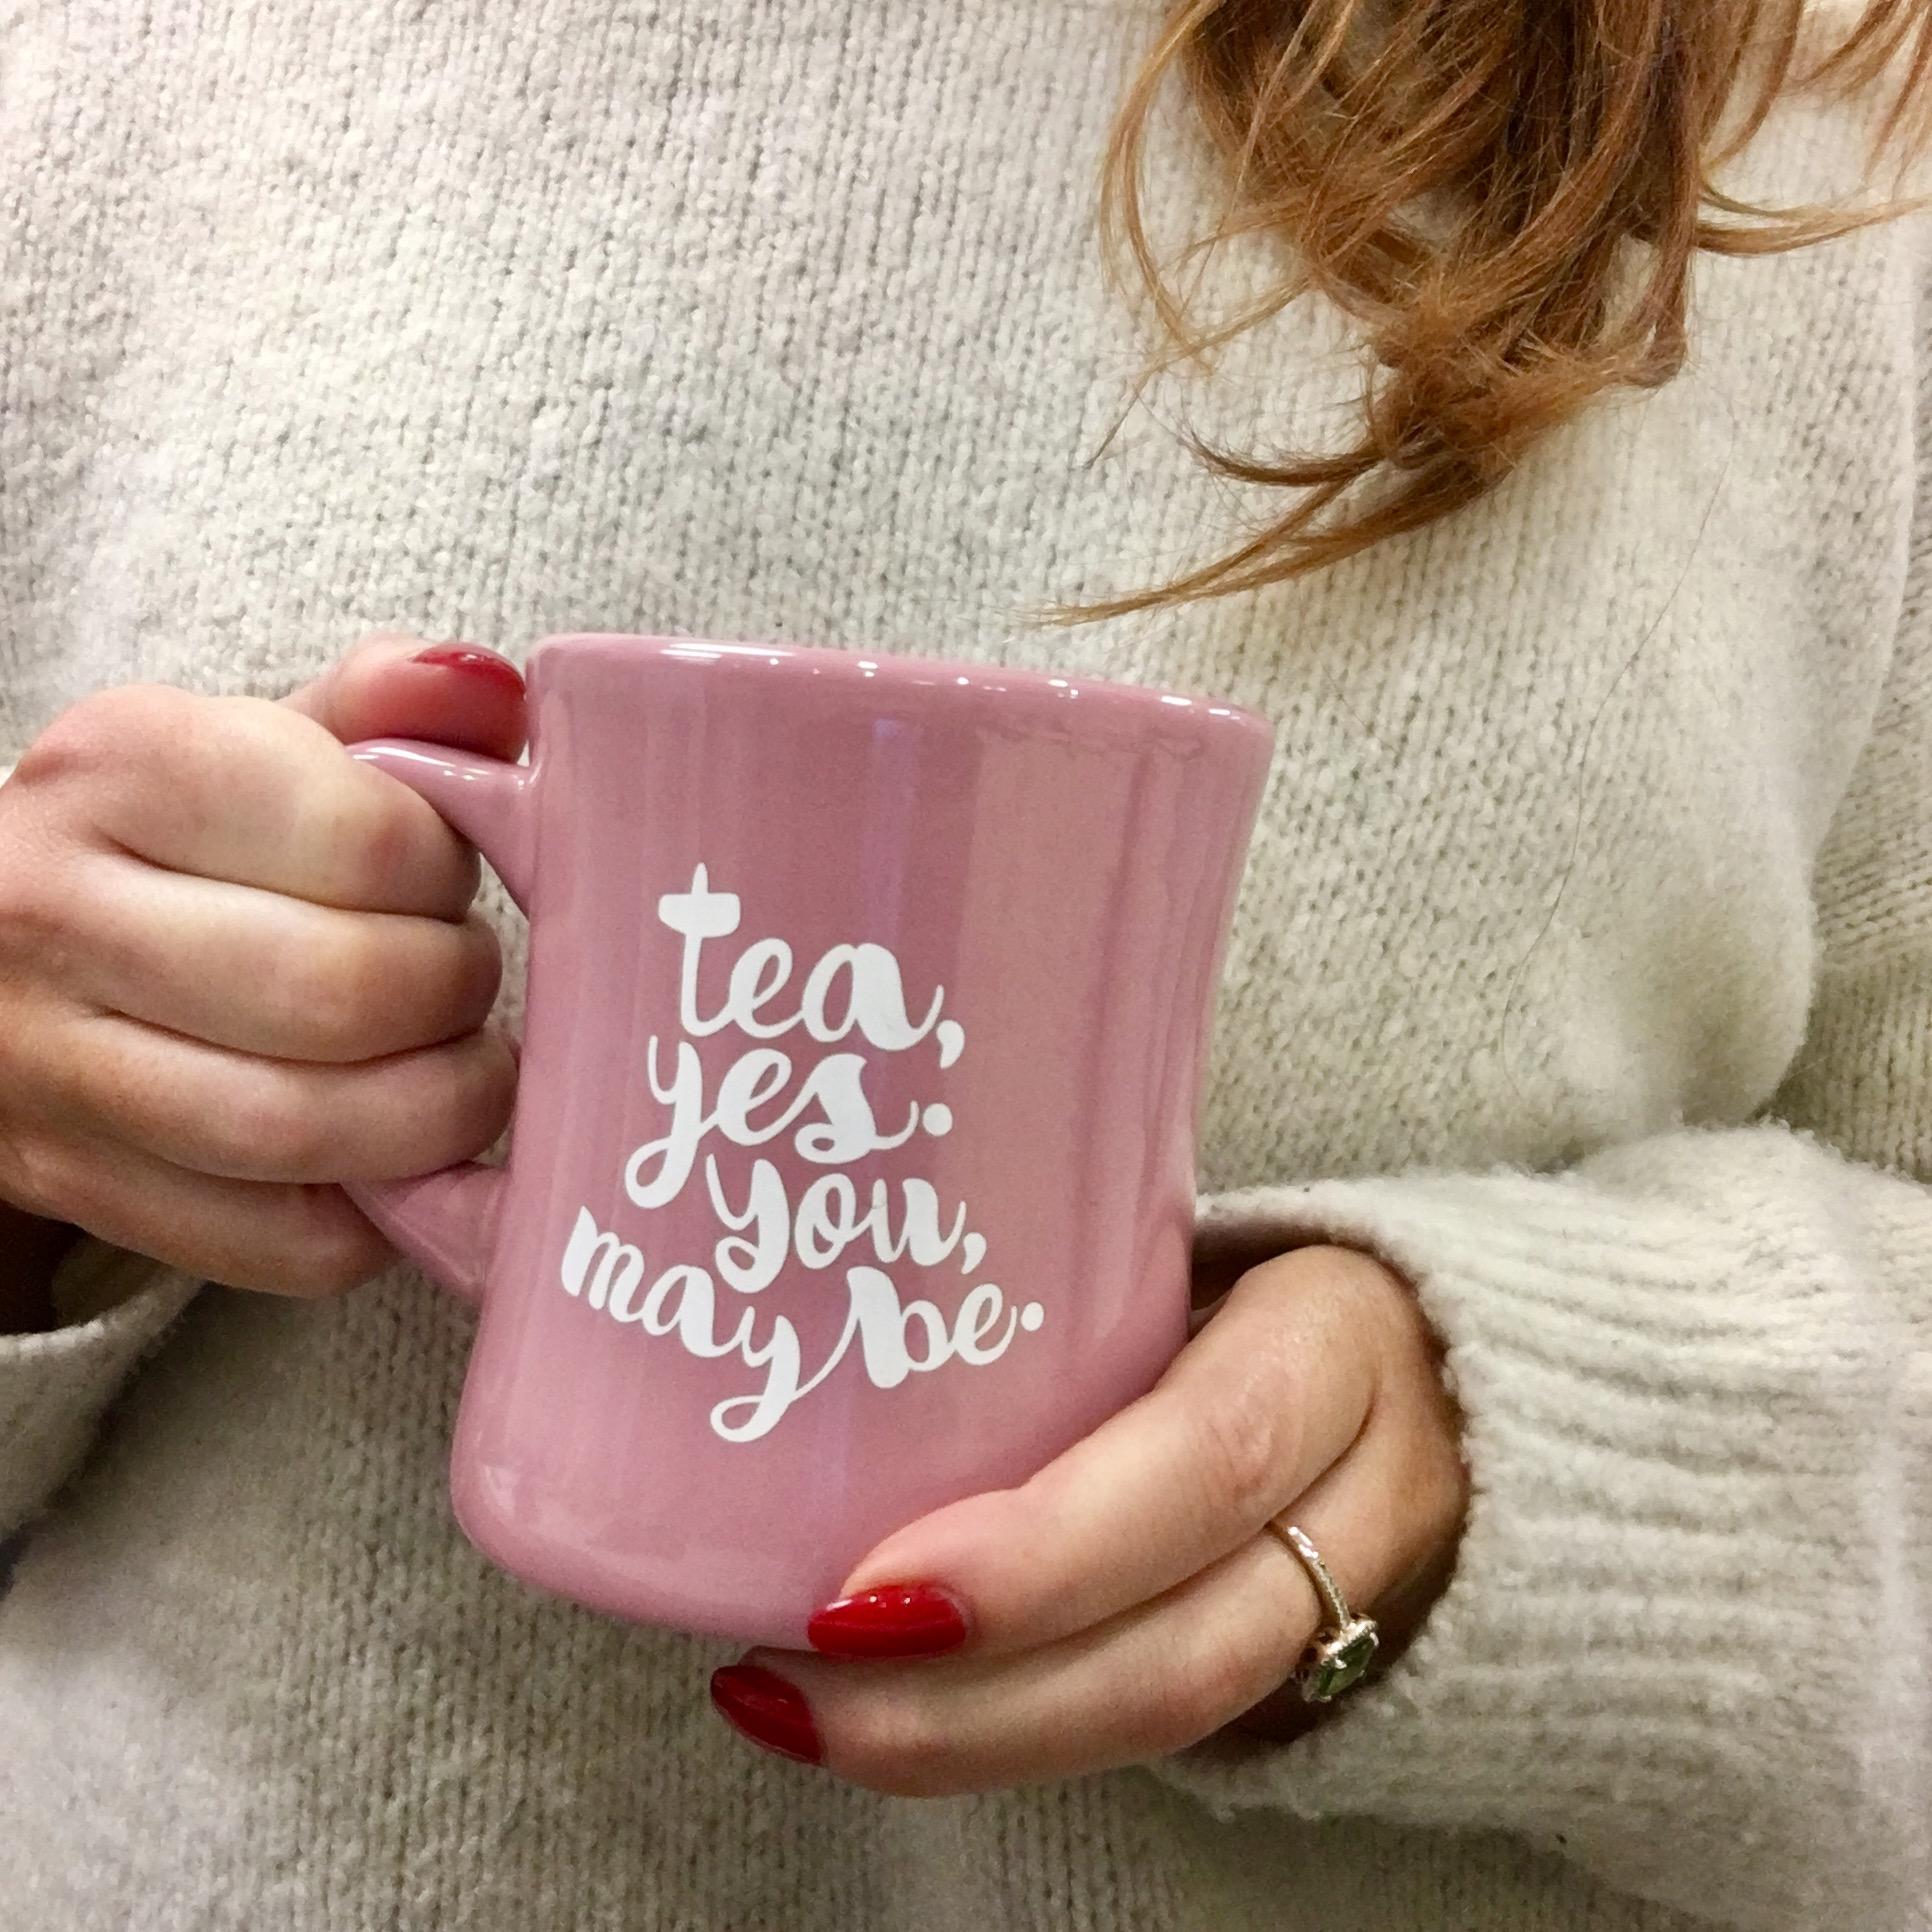 Tea Yes.jpg